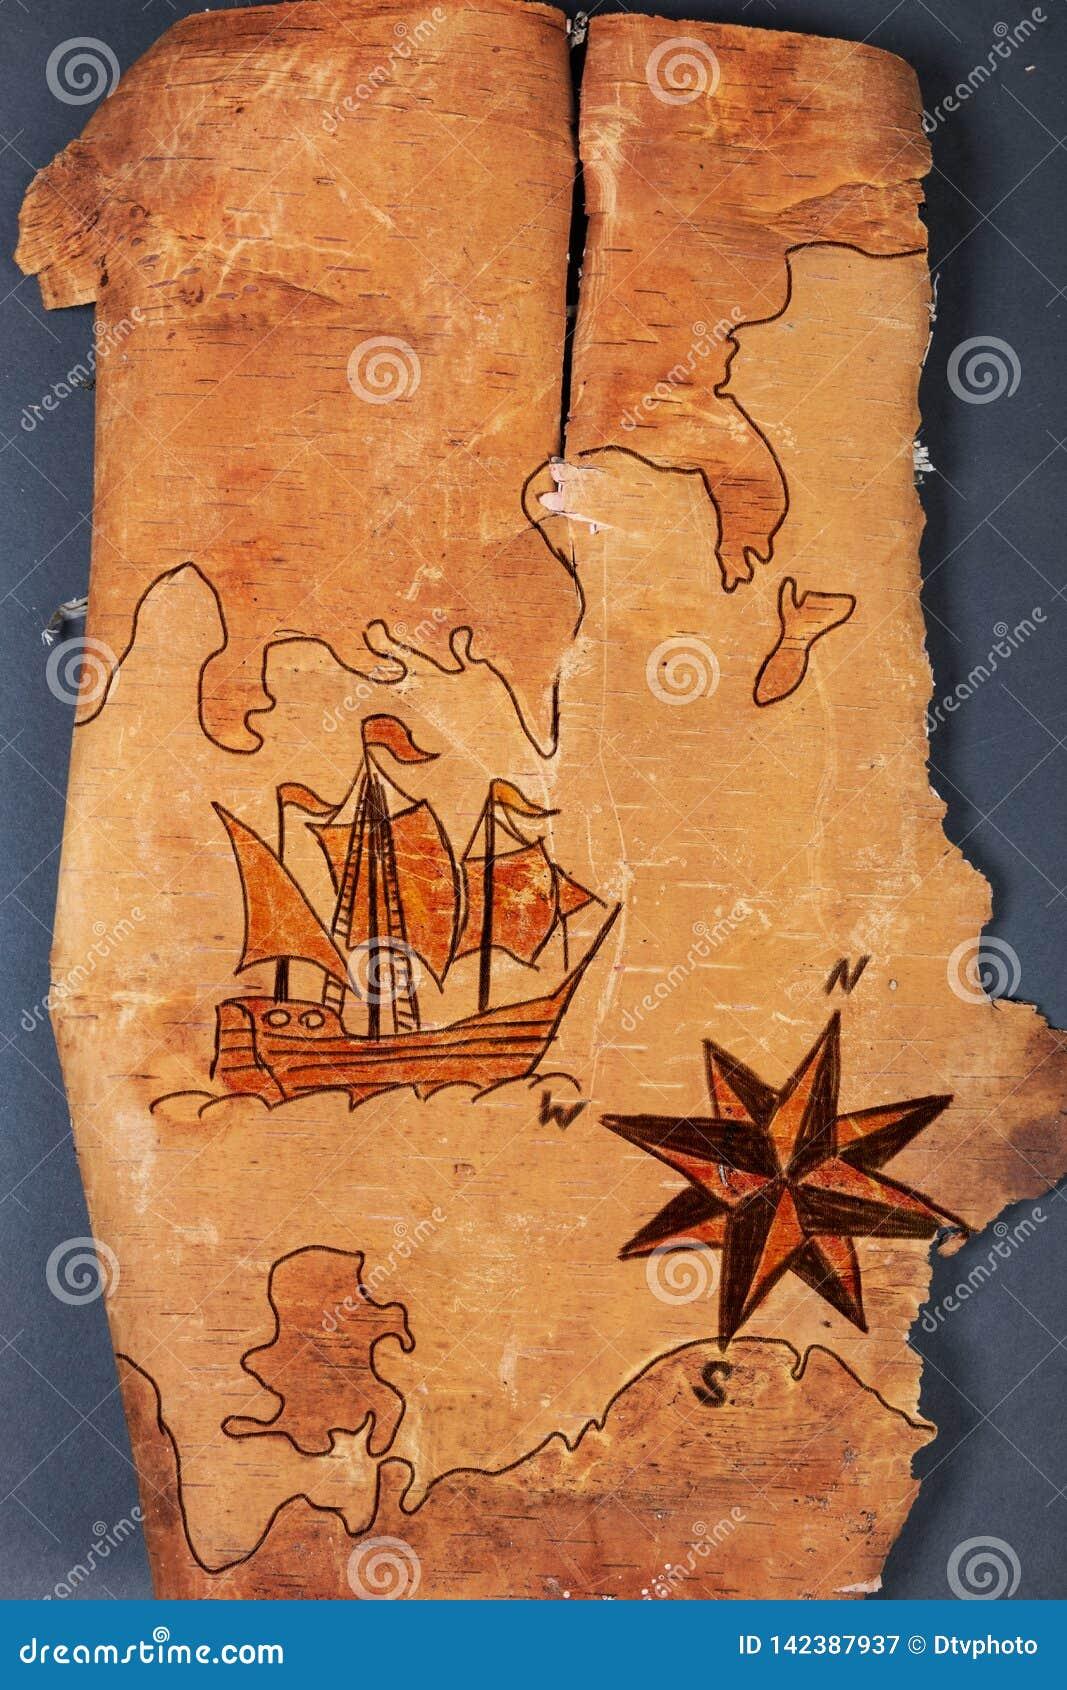 Overzeese kaart met illustraties van varende schip en windroos op de orde van antiquiteiten op natuurlijke houten achtergrond van